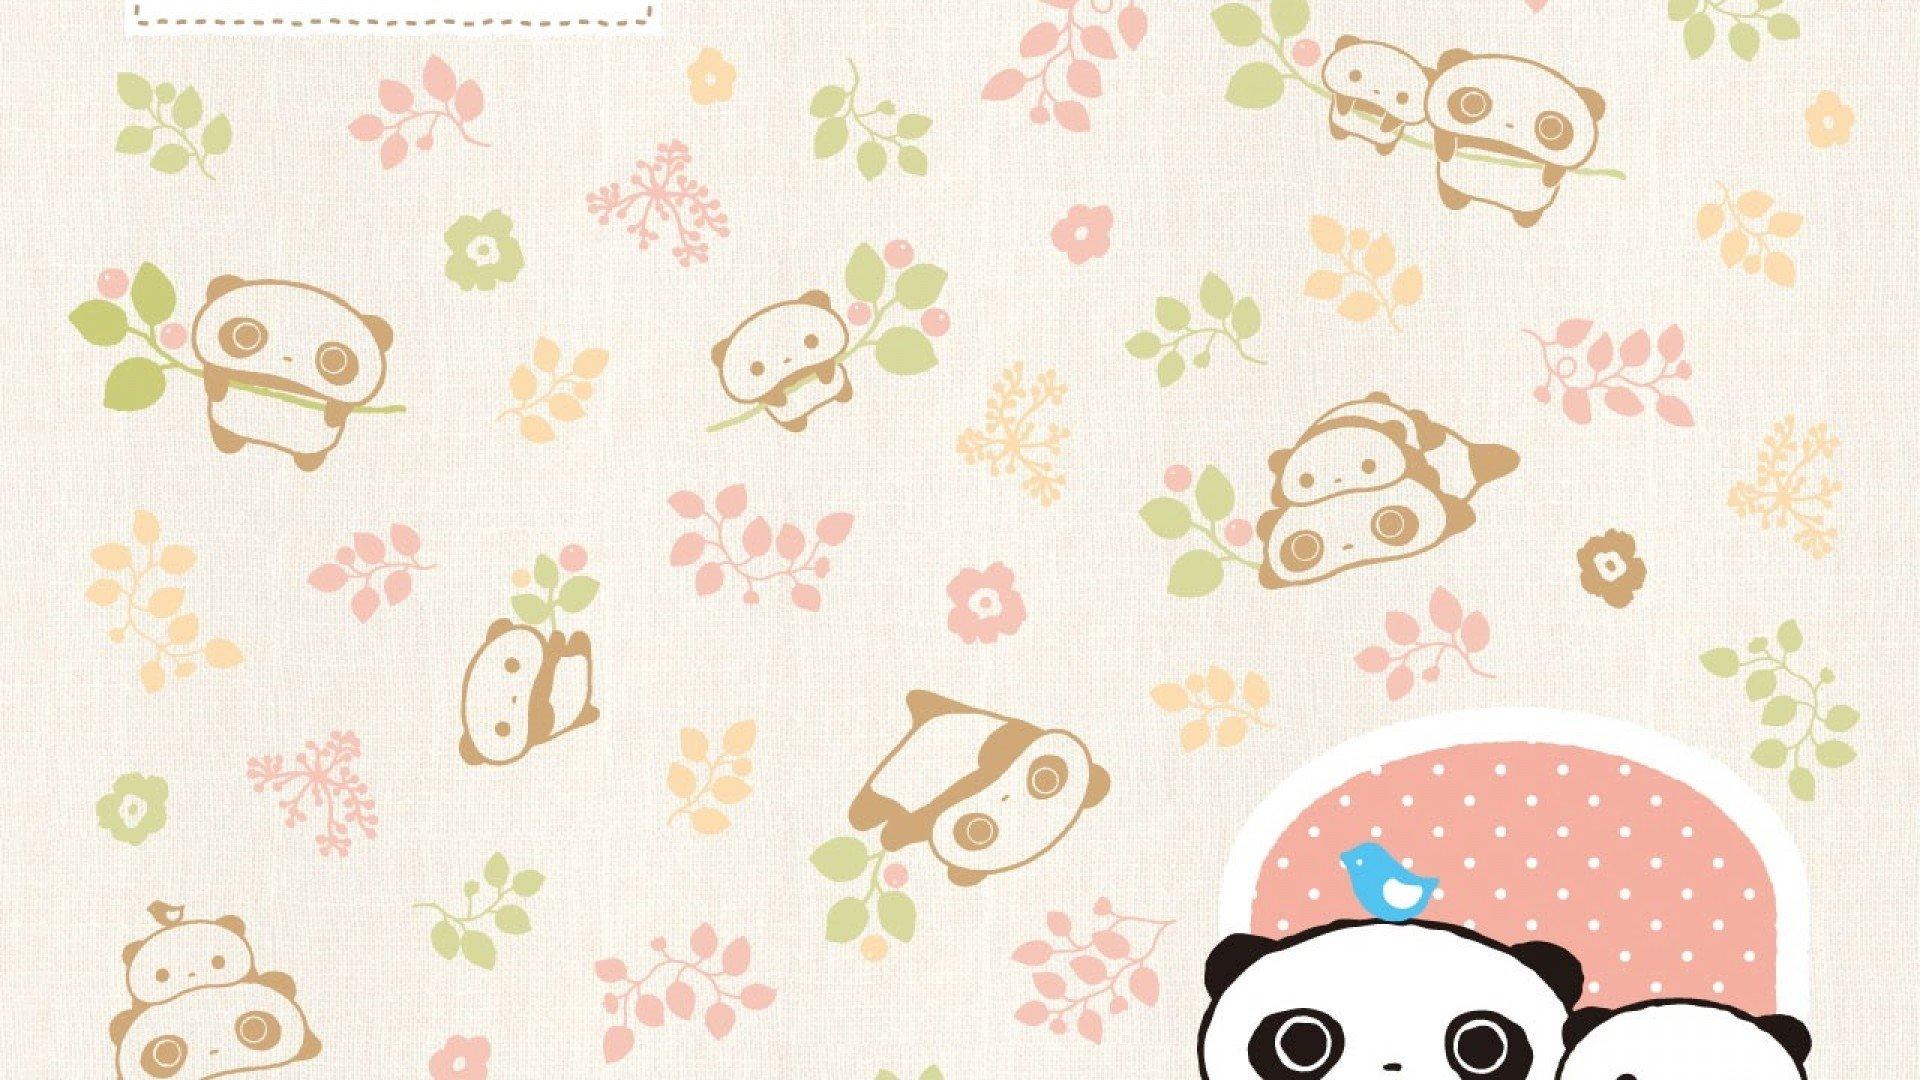 Pastel Kawaii Wallpaper Free